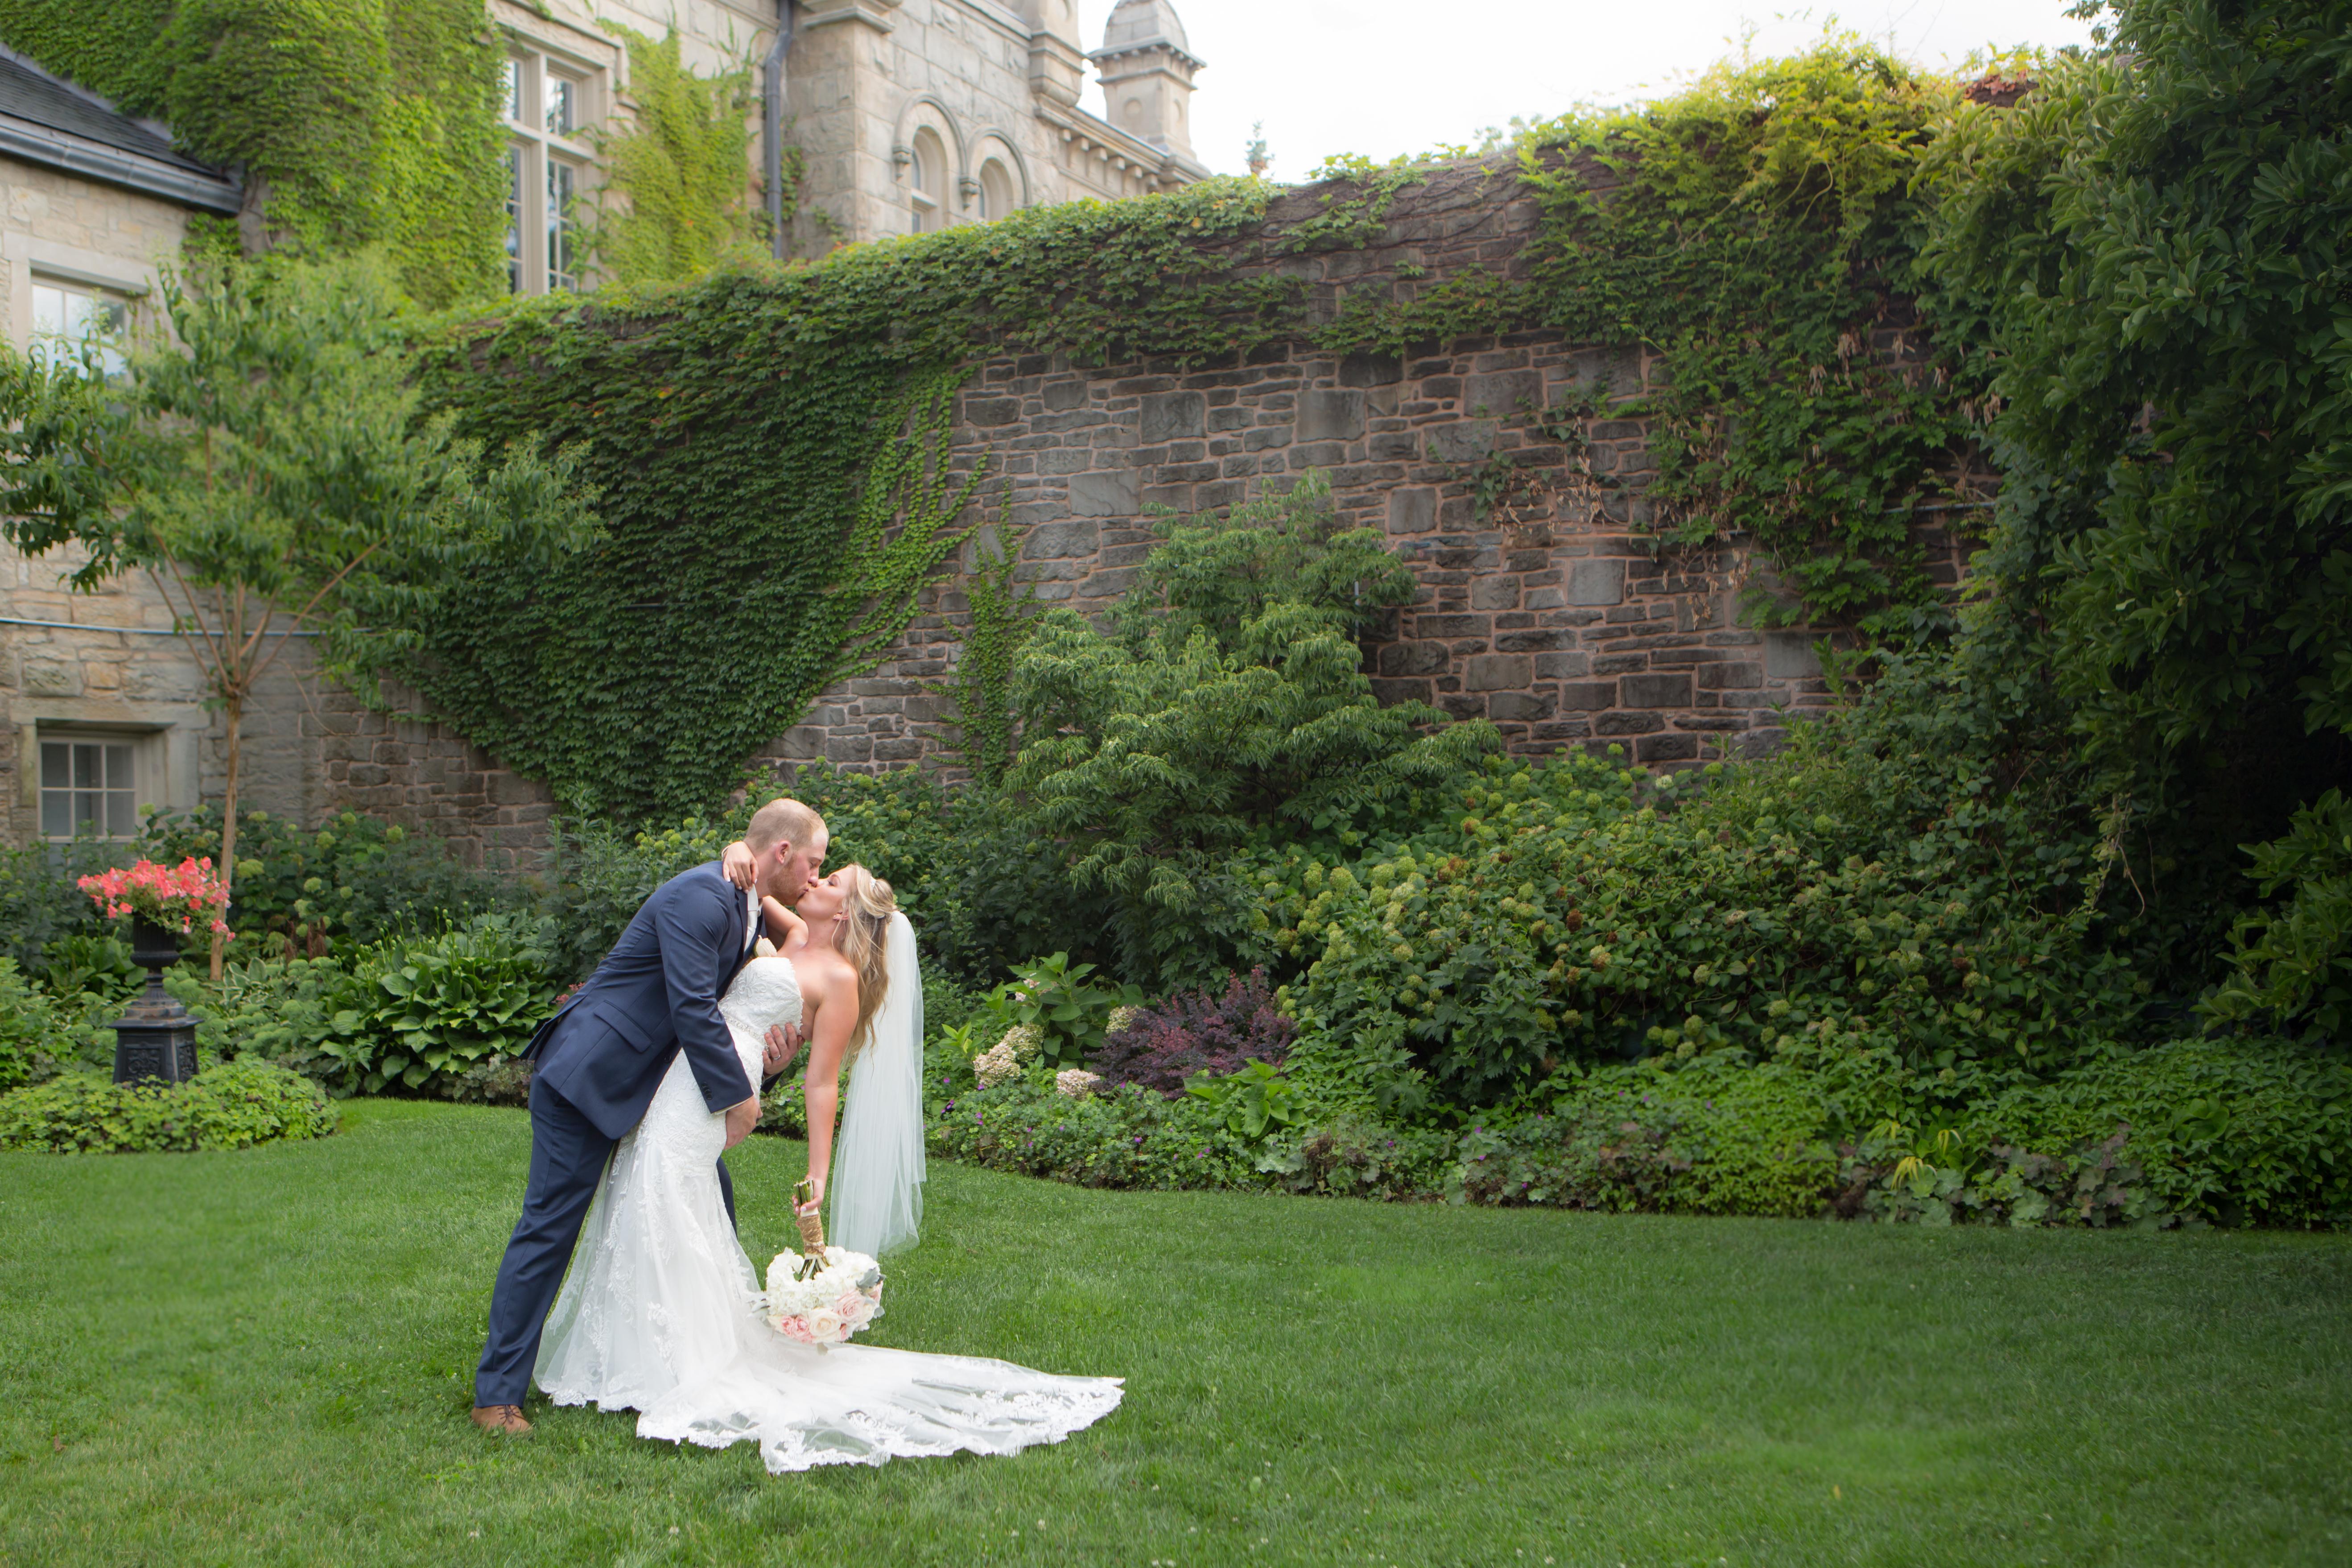 IG-RainyDay_Wedding_Allison Clark Photog